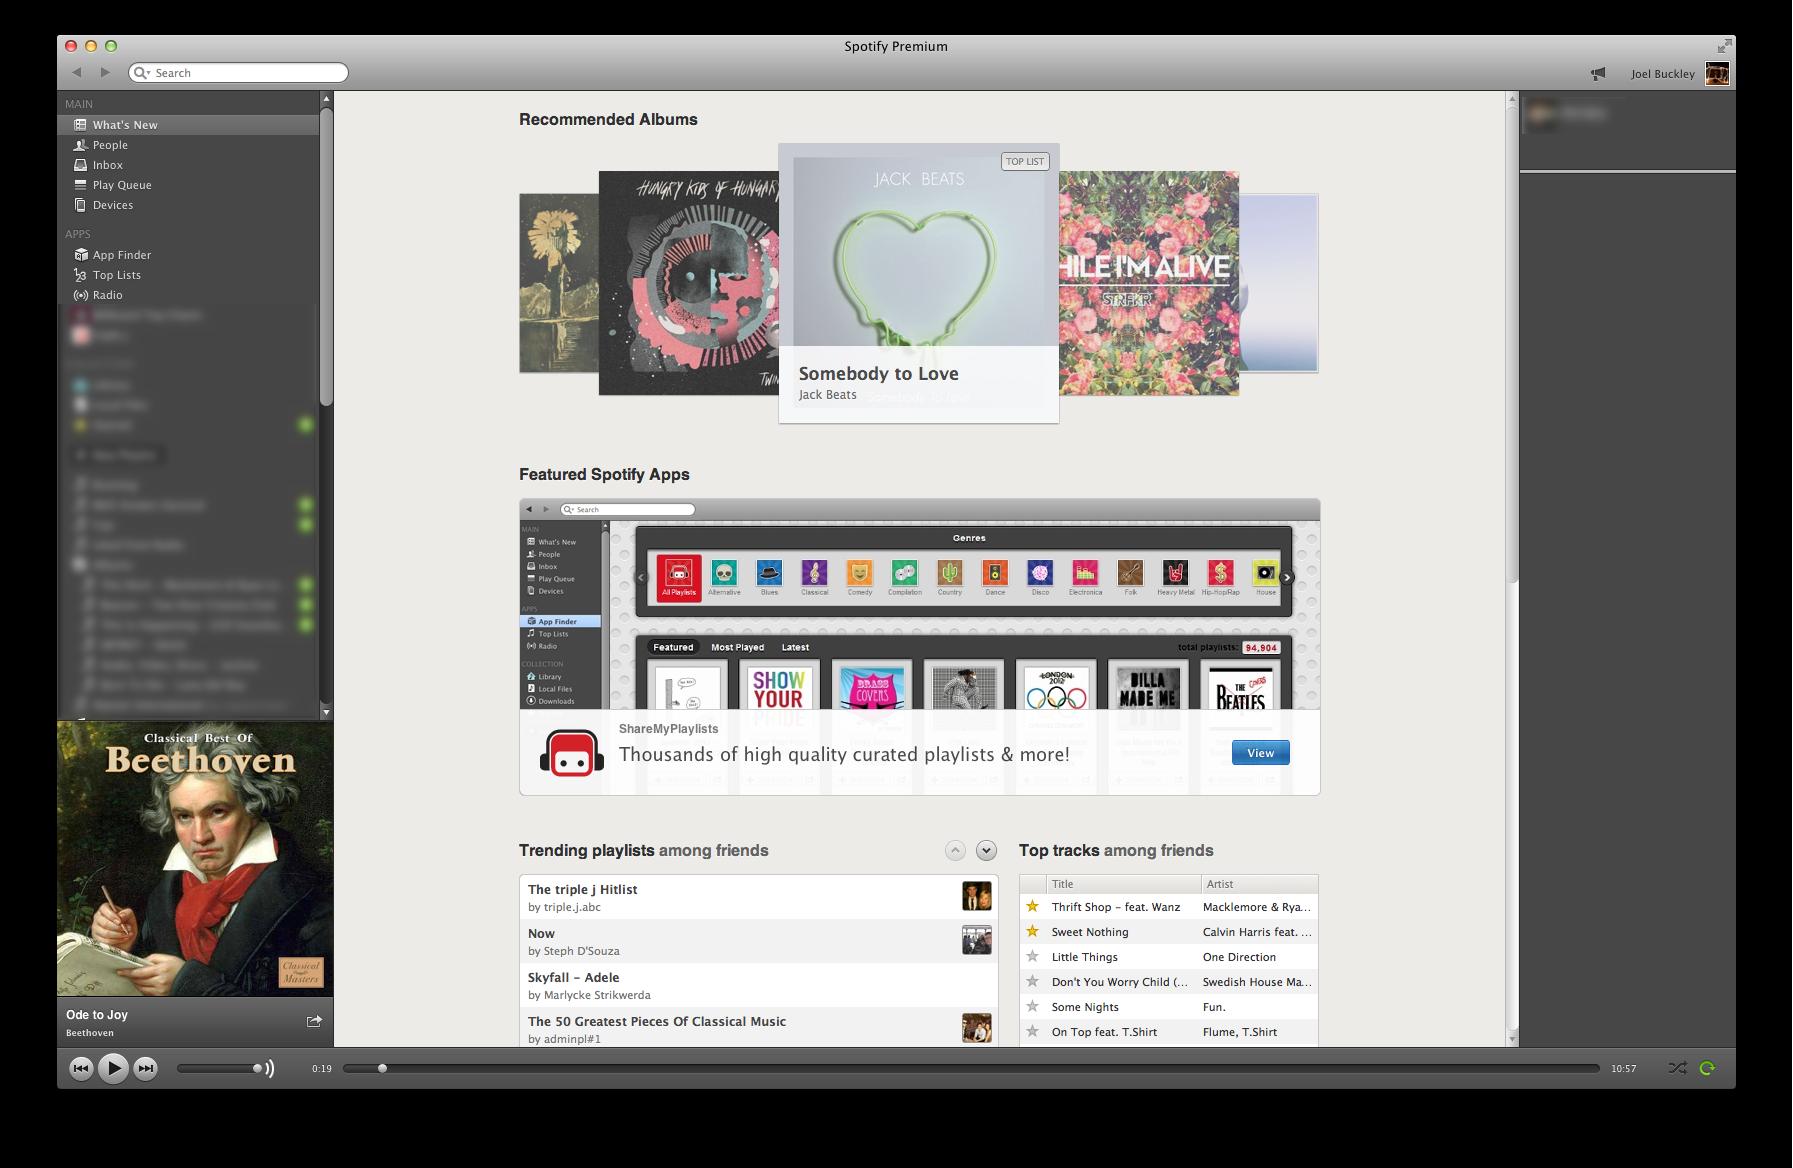 Spotify Main Interface